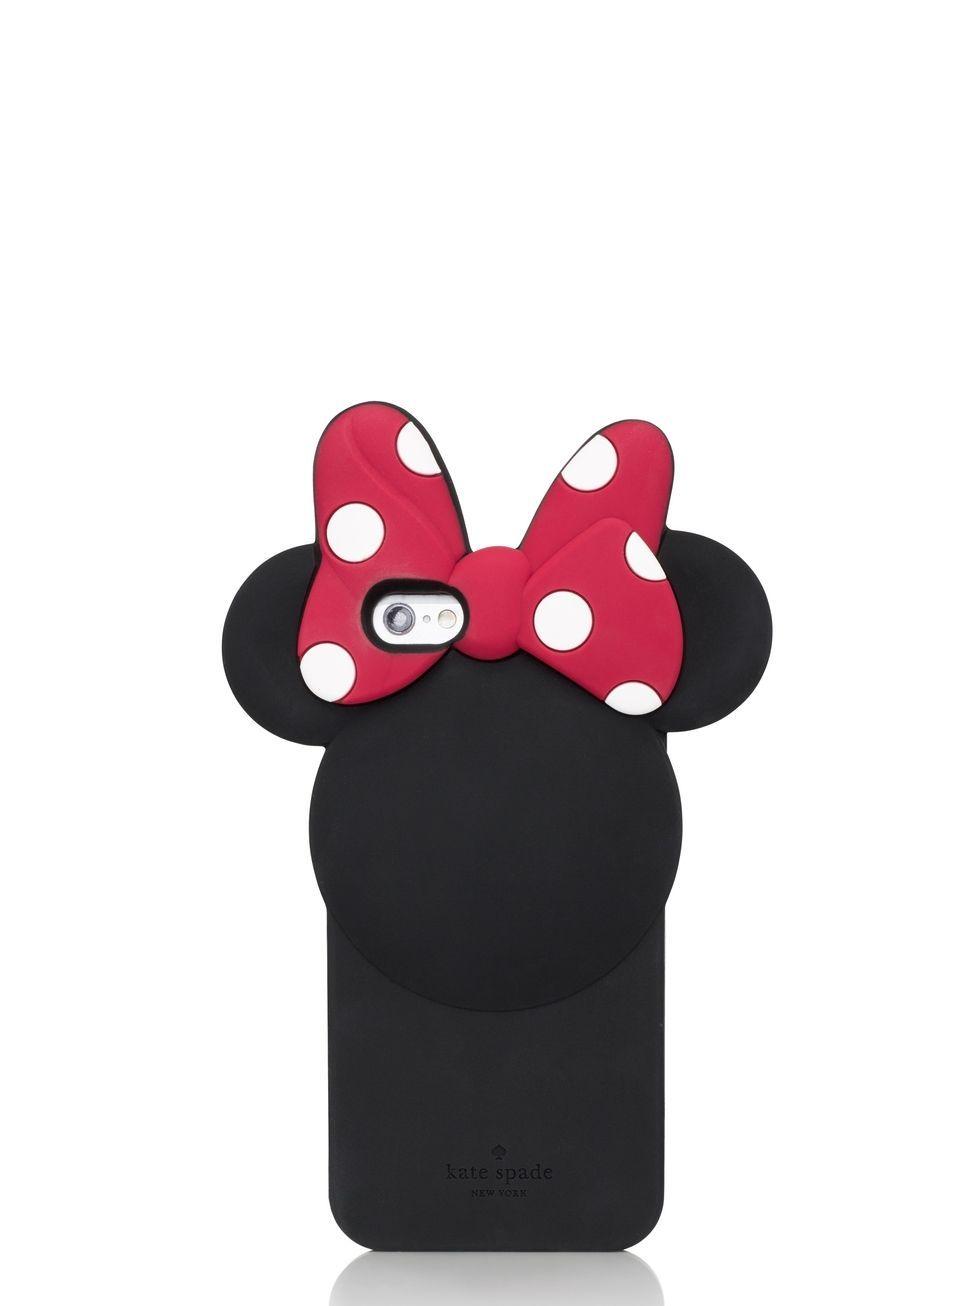 Kate Spade diseña una colección de bolsos de Minnie Mouse